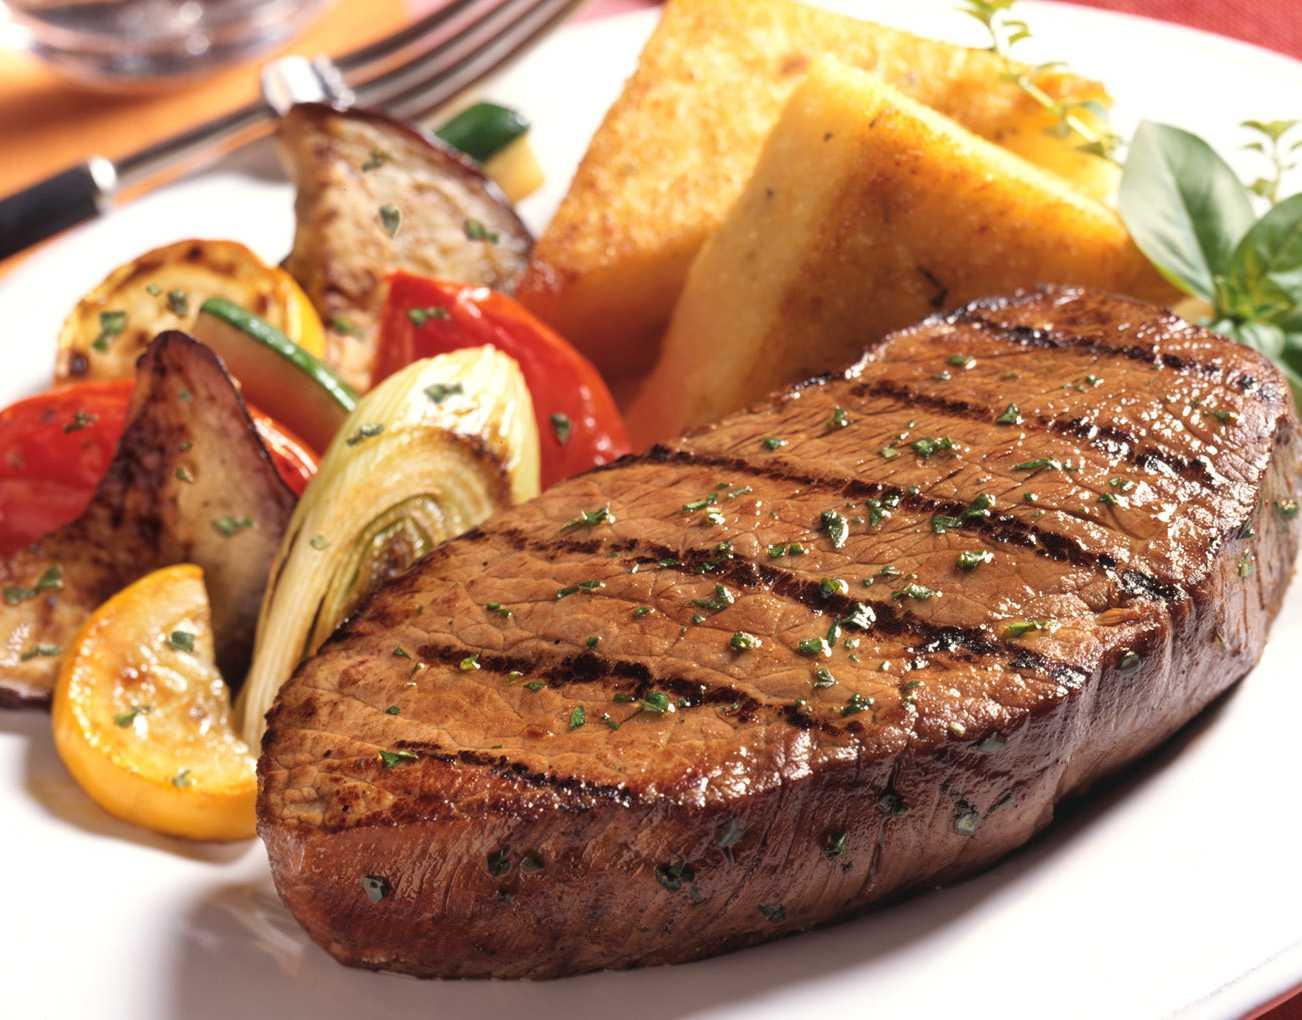 突然「殺人的に美味そうなお肉の画像」を集めてみたよ